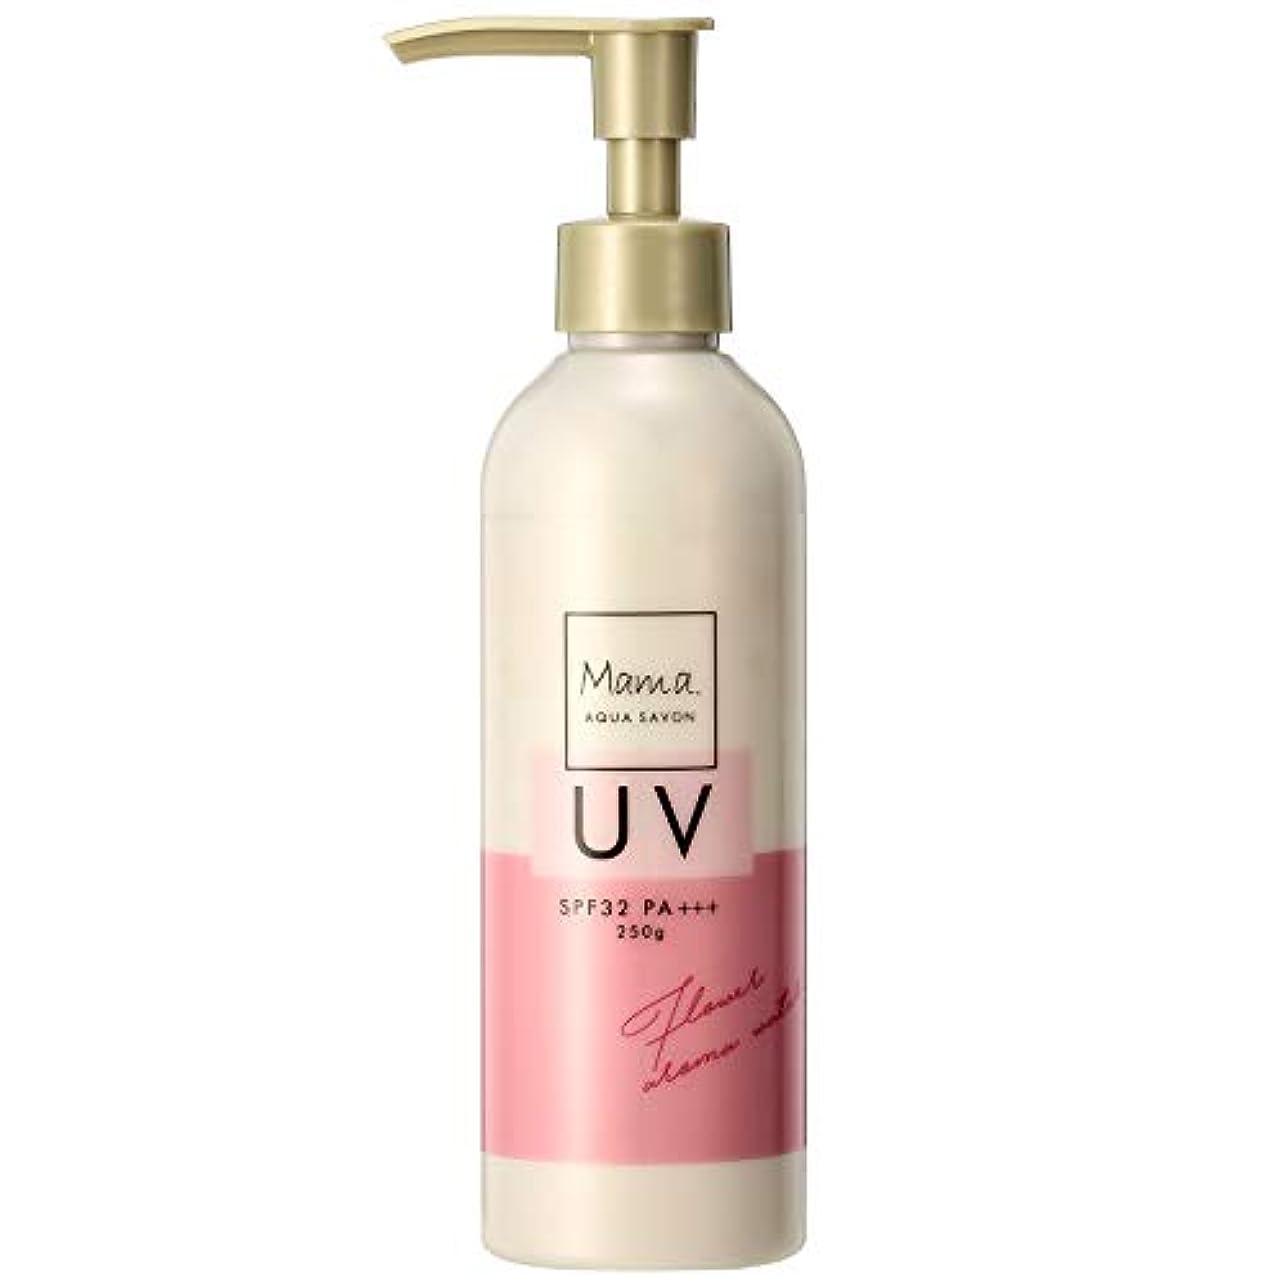 開発繰り返した寄生虫ママアクアシャボン UVモイストジェル フラワーアロマウォーターの香り 19S 250g